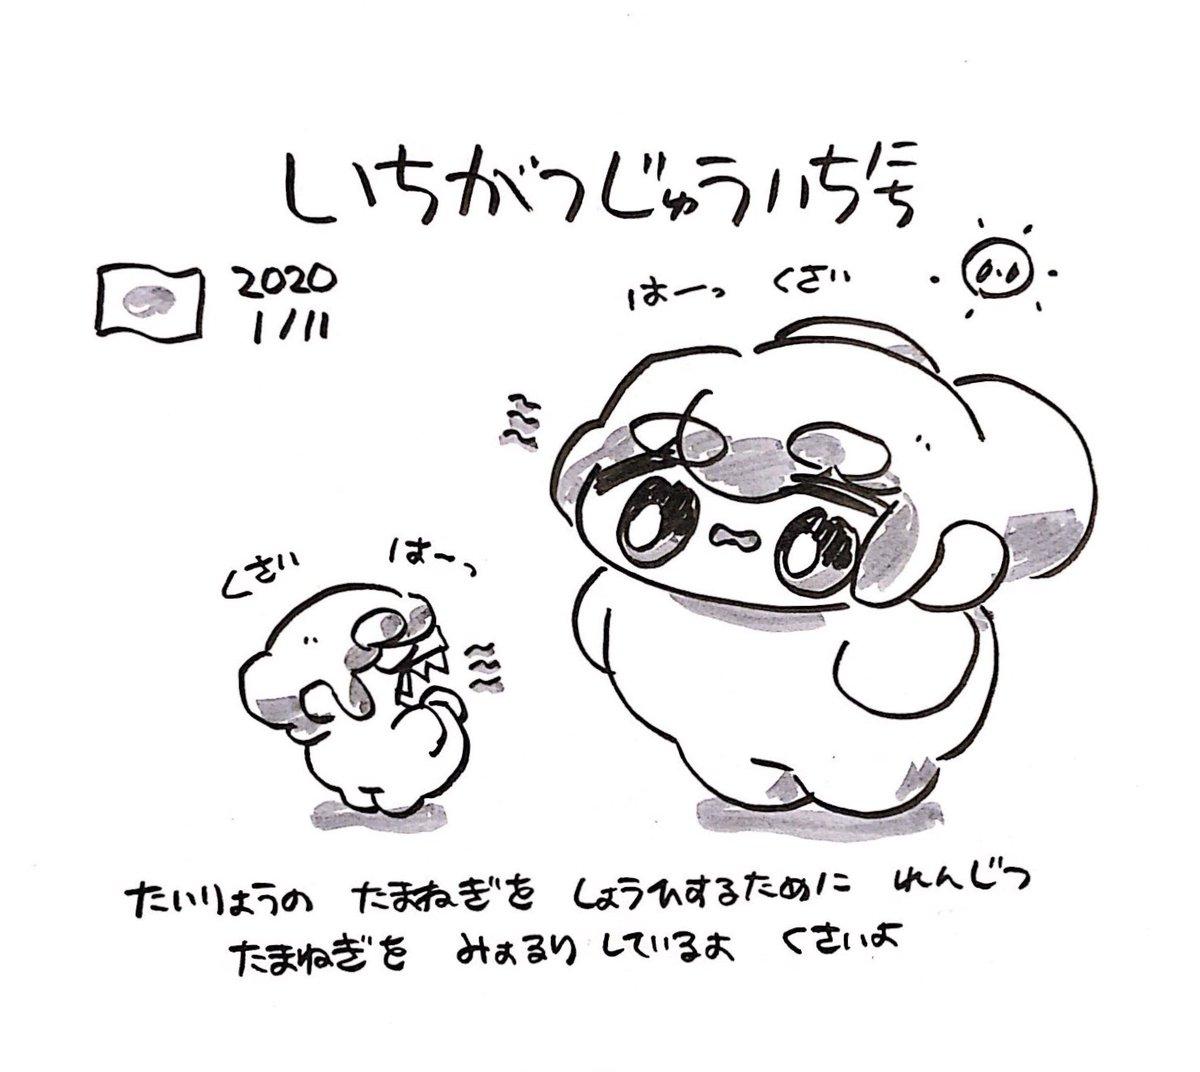 カネコミ Meeeeeeyou Twitter